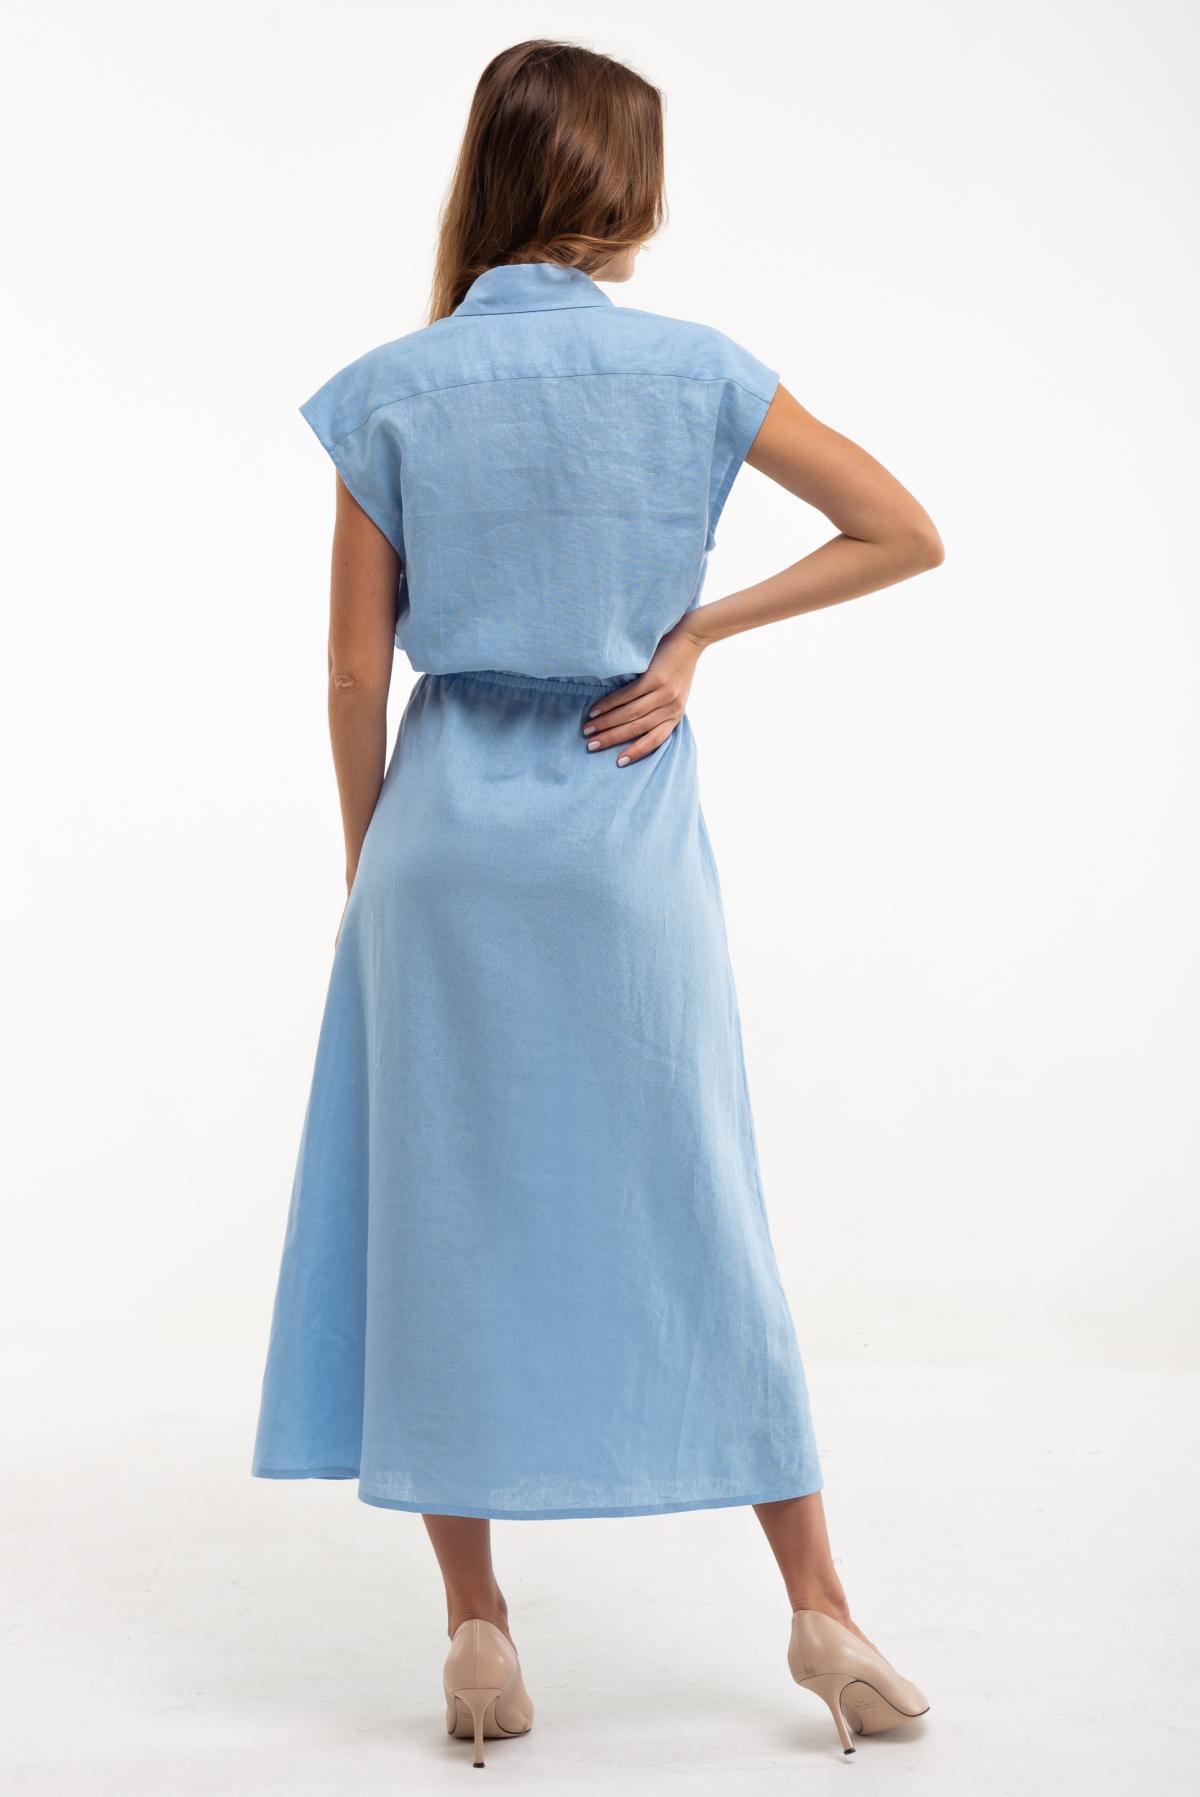 Dress with embroidery Sutsvittya light blue. Photo №3. | Narodnyi dim Ukraine